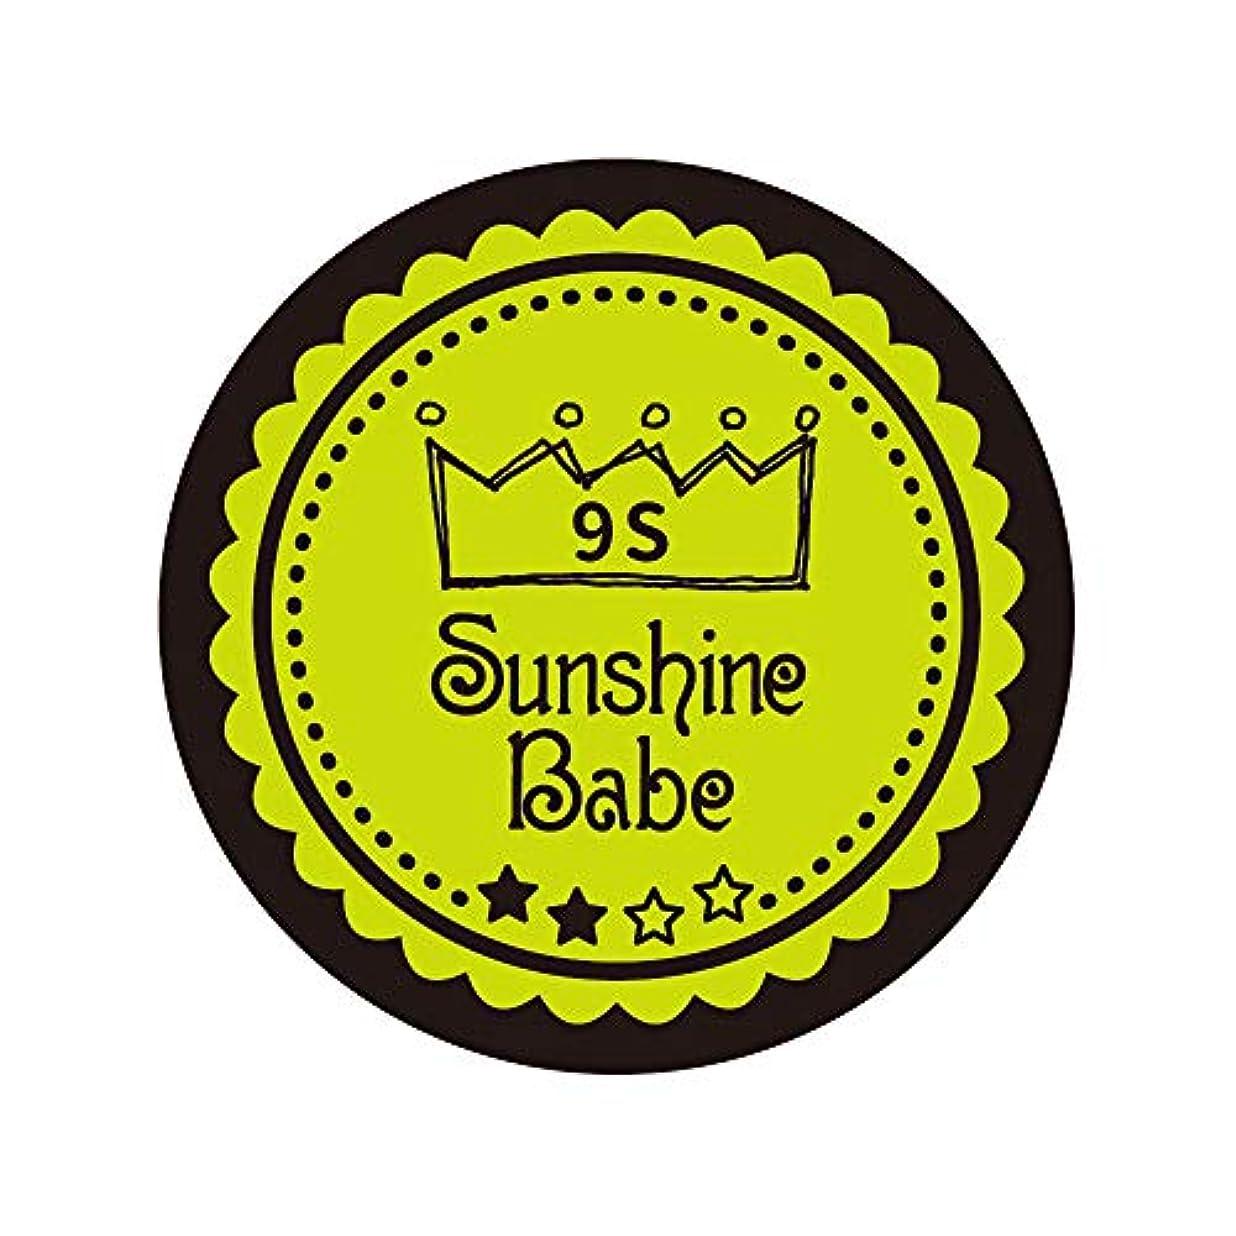 時計スクリーチ誓約Sunshine Babe カラージェル 9S ライムパンチ 2.7g UV/LED対応